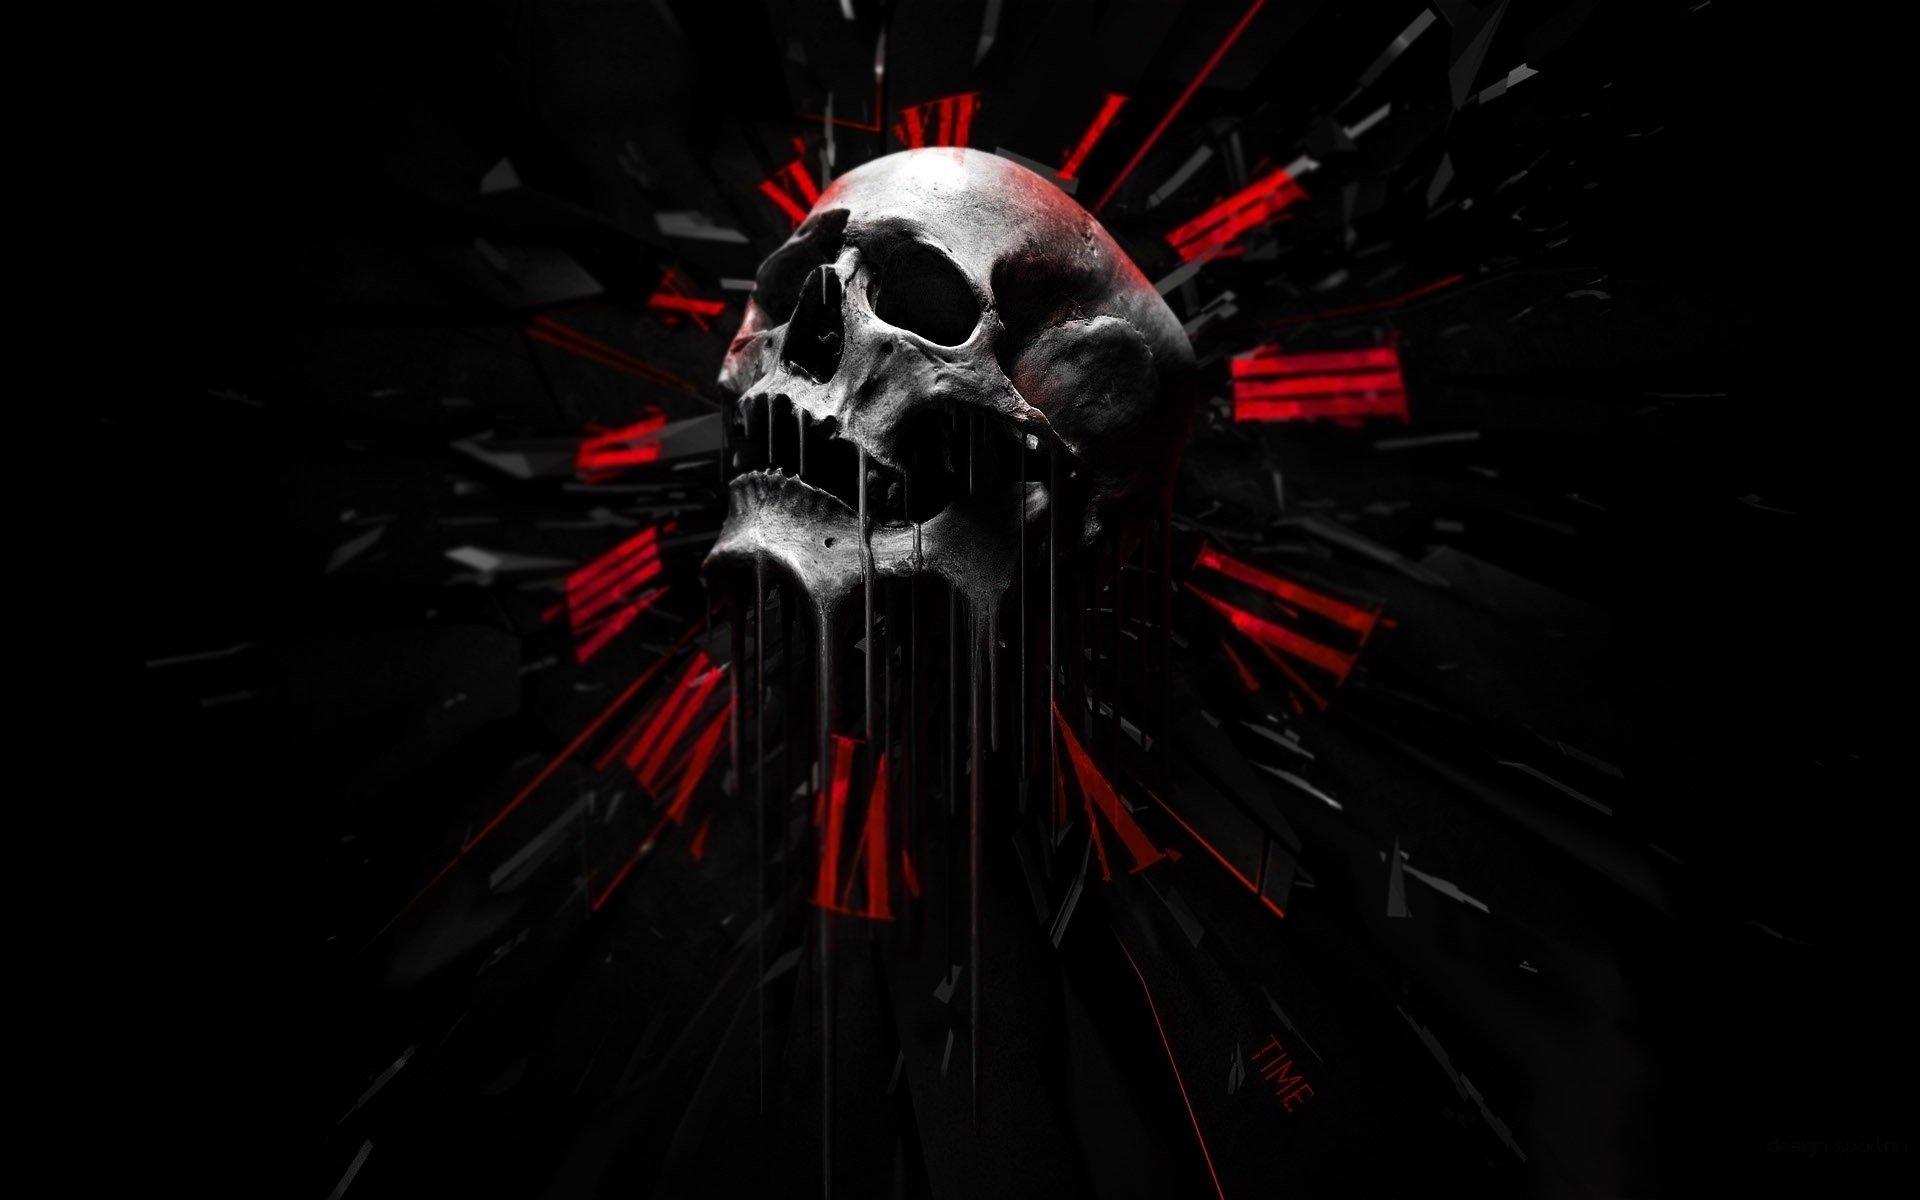 SKULLS  Dark Abstract Black Red Wallpaper 1920x1200